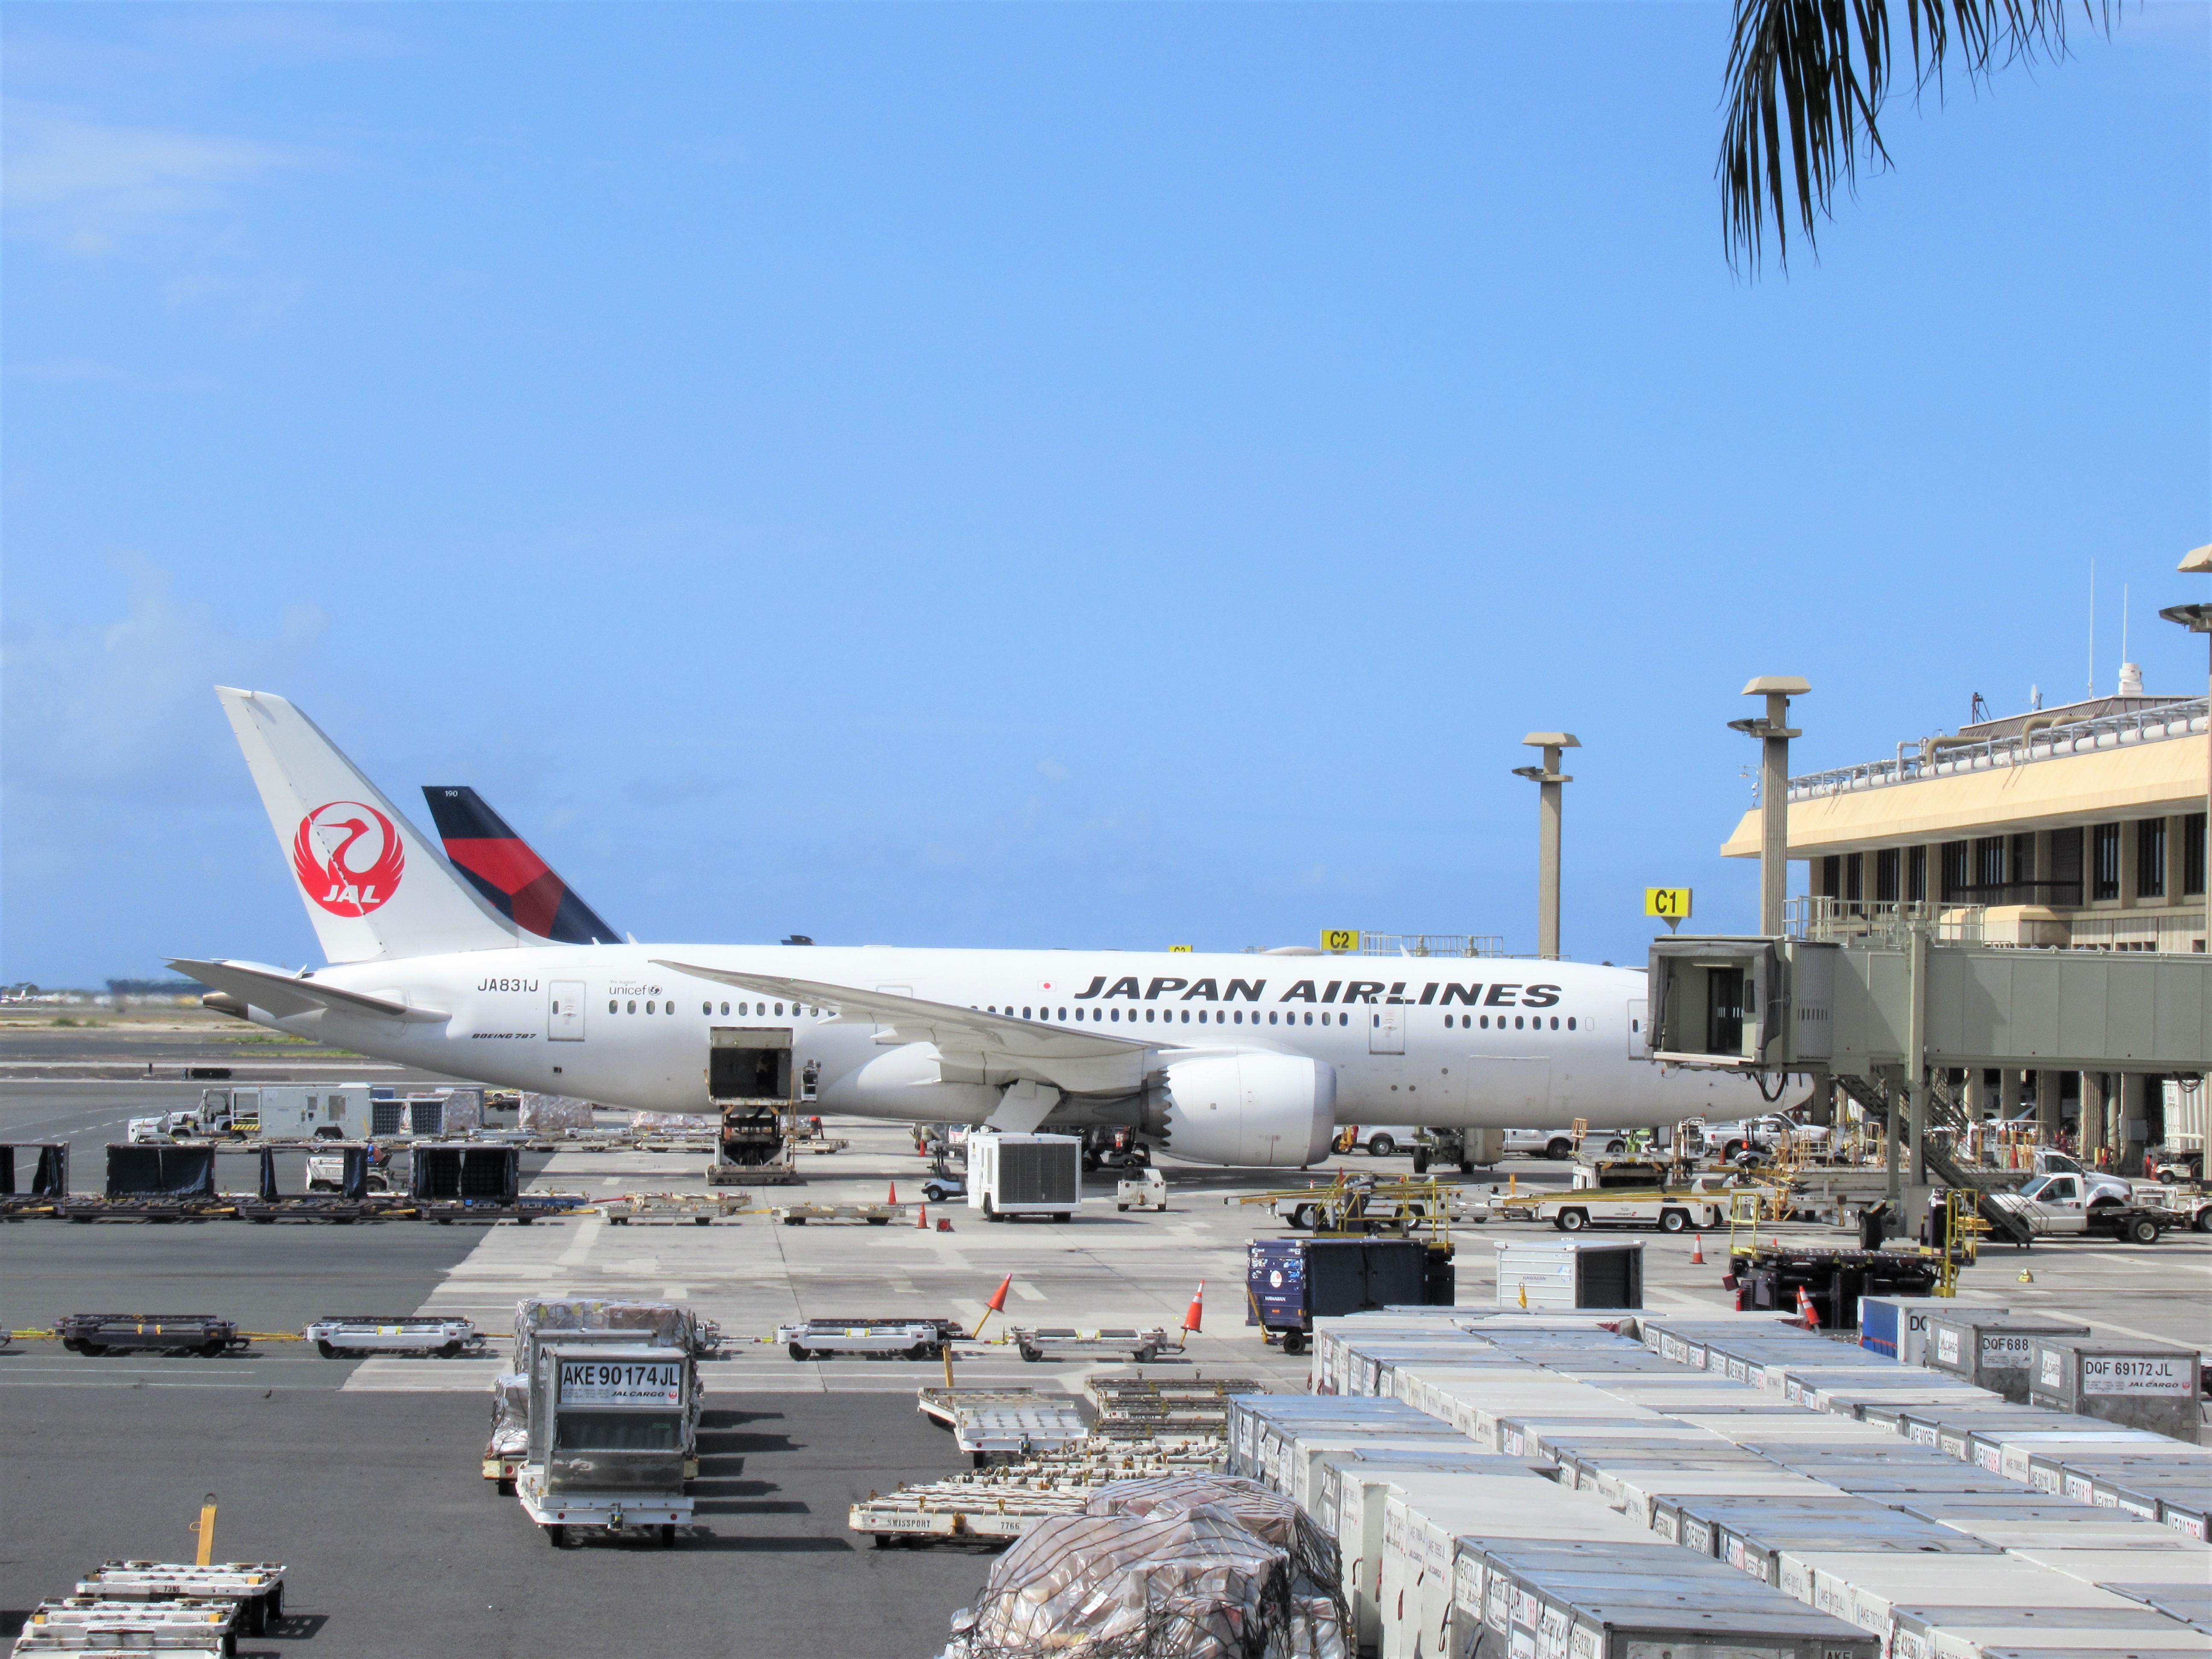 子連れ飛行機の持ち物リストを年齢別で紹介と我が家のフライト失敗談|ハワイ旅ブログ